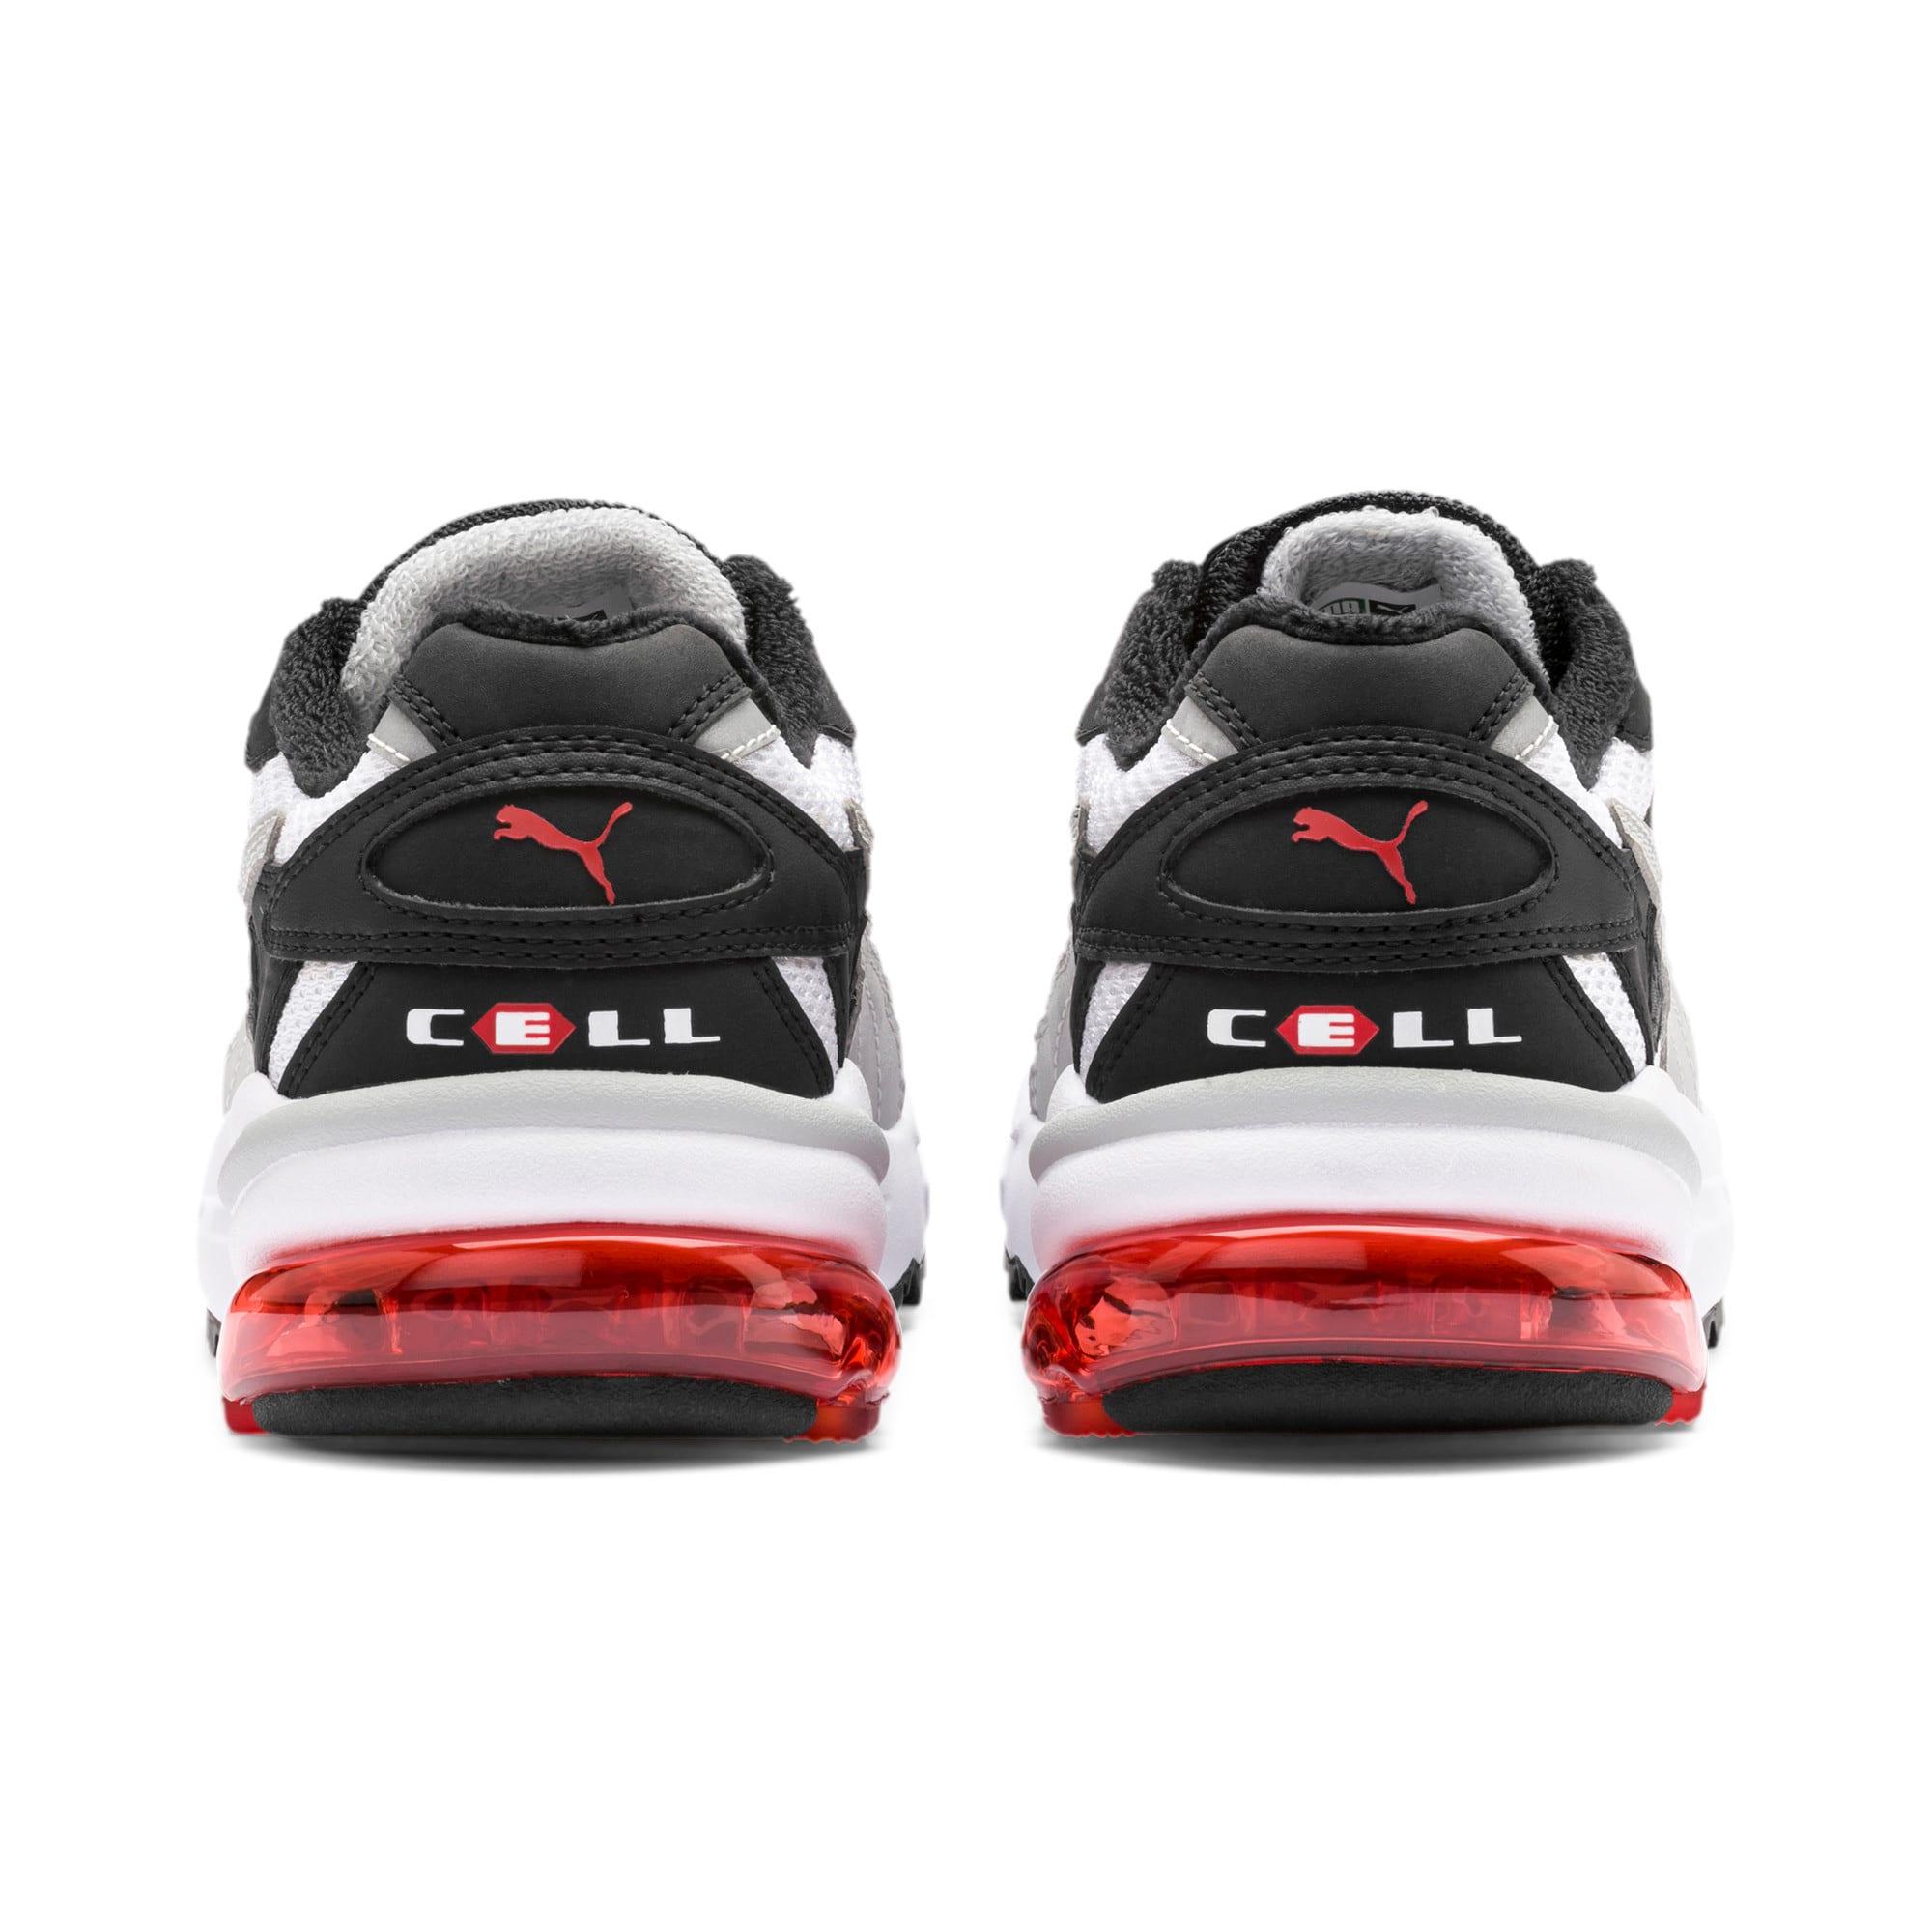 Thumbnail 3 of CELL Alien OG Sneakers JR, Puma White-High Risk Red, medium